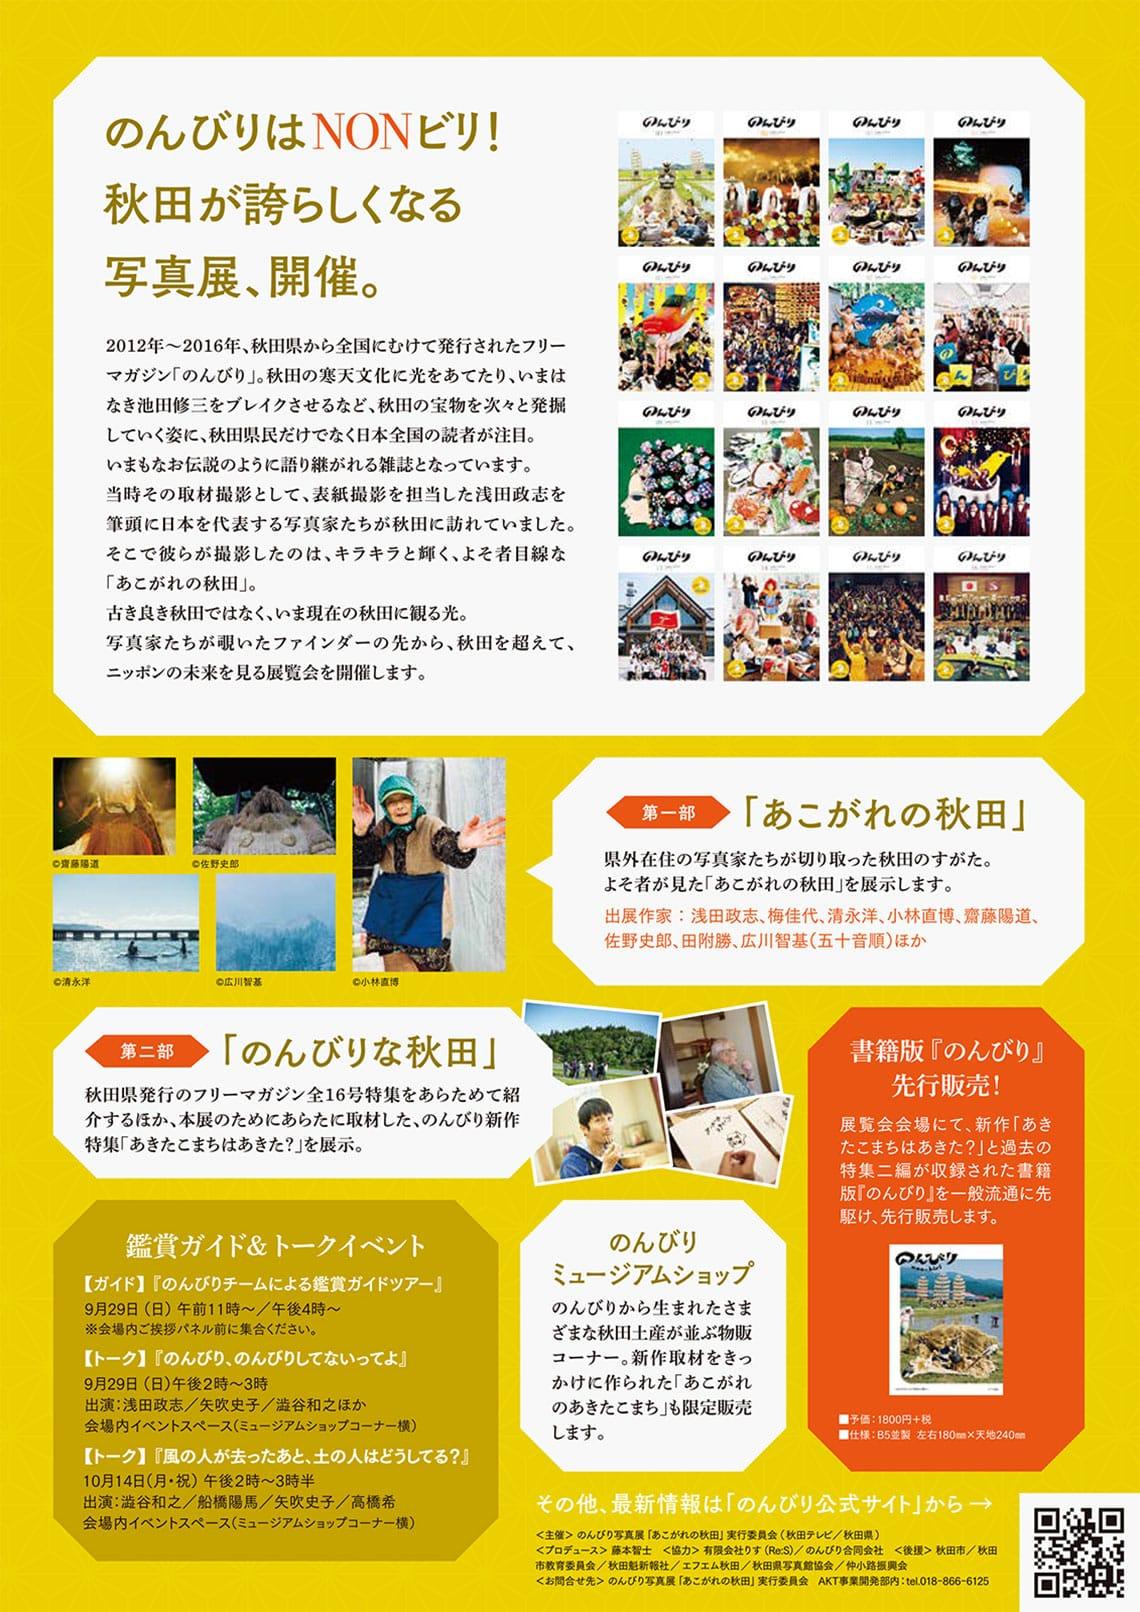 nonbiri_exhibition_2